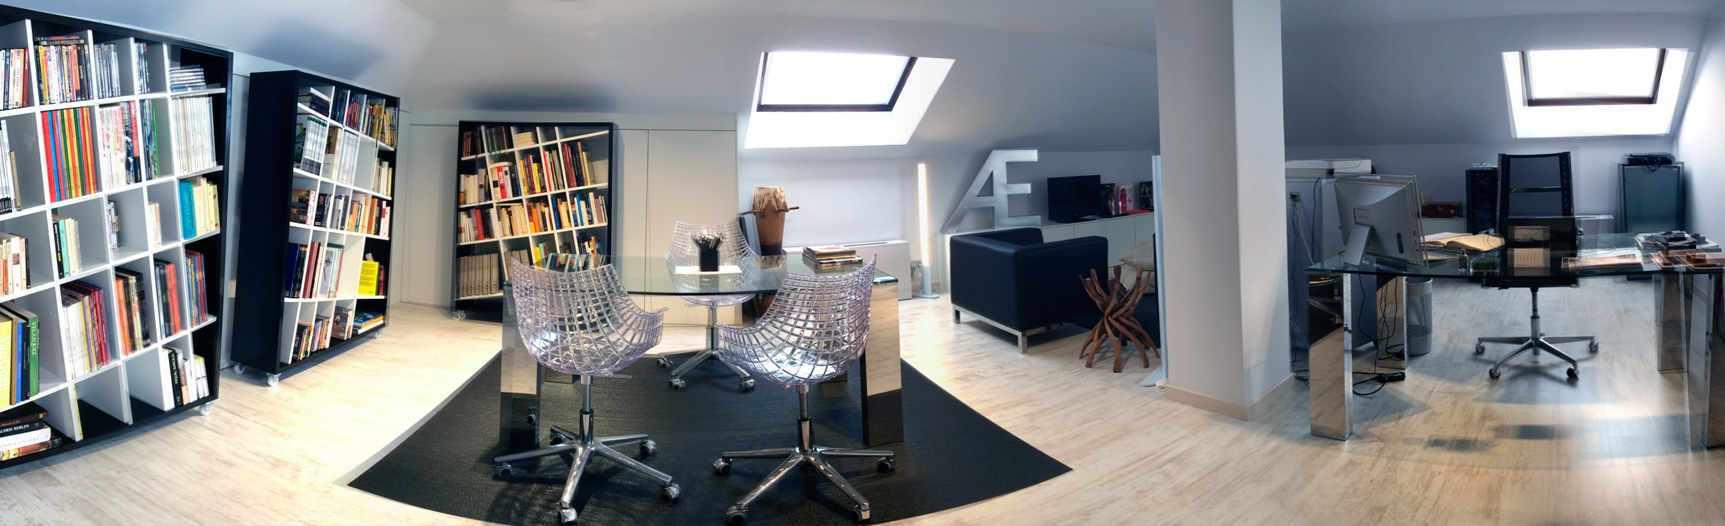 Diseño de interiores en Bilbao